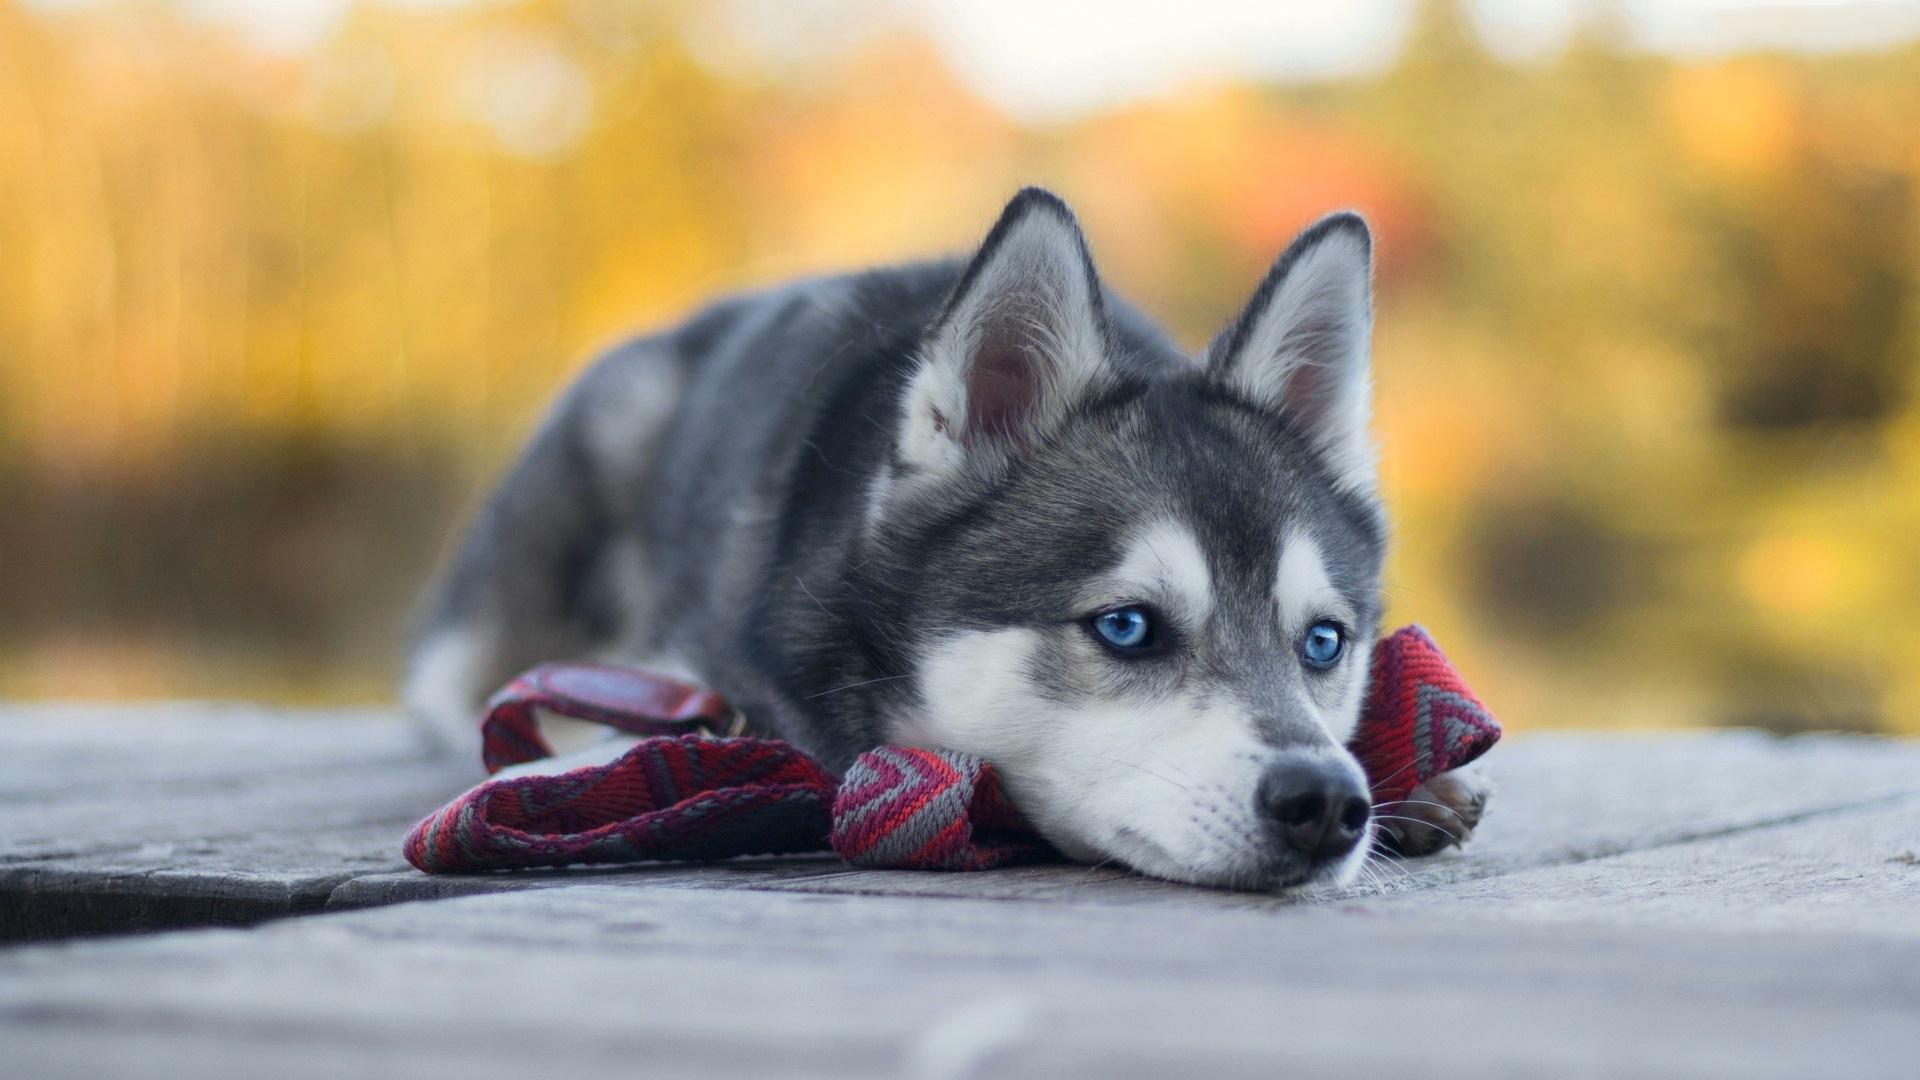 Siberian Husky puppy wallpaper